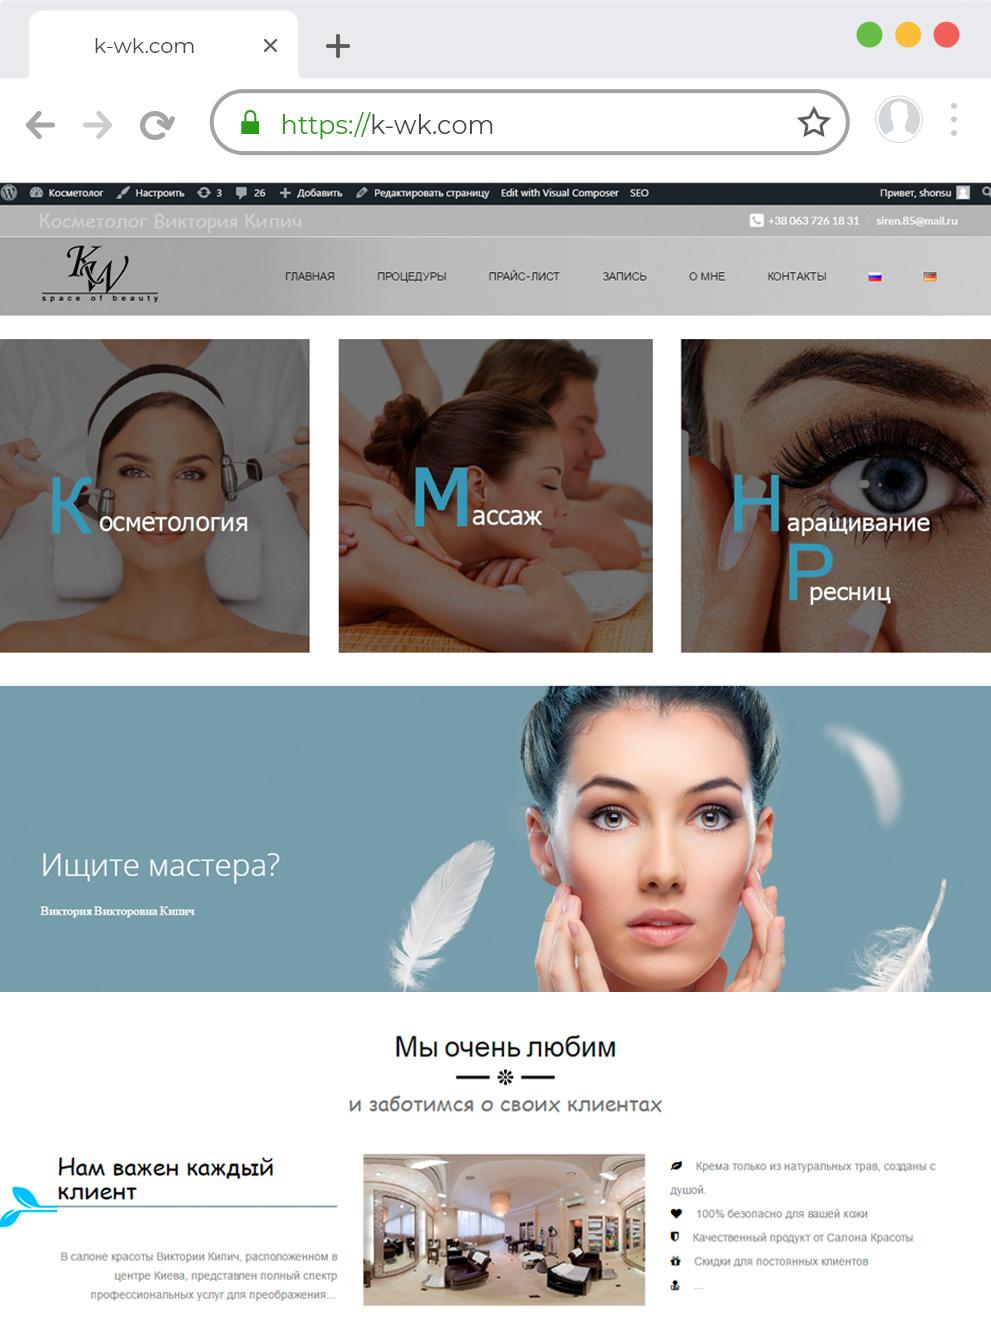 Разработка сайтов на Wordpress для салона красоты в городе Киеве